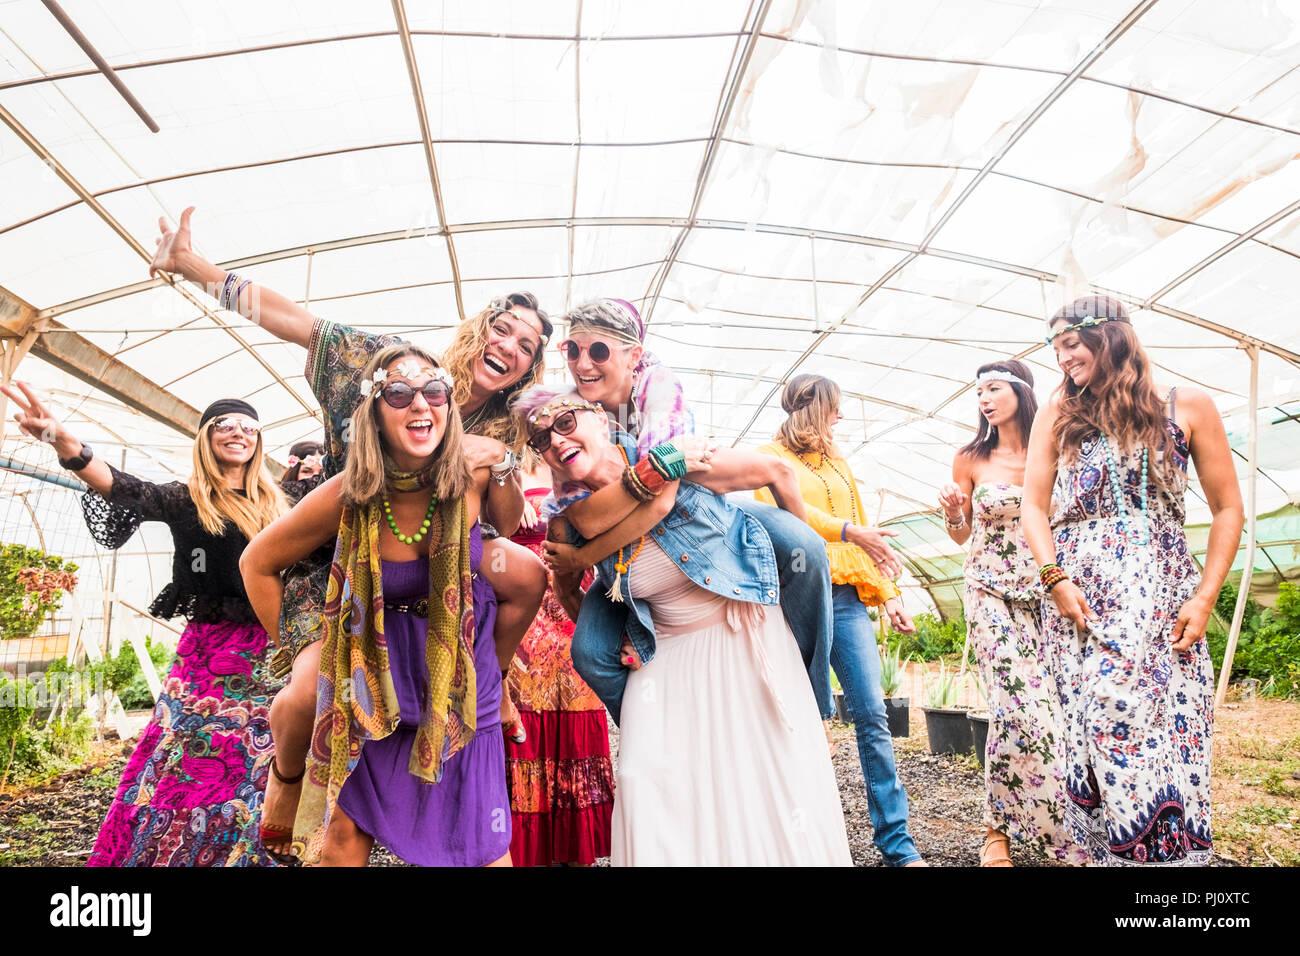 f85f42085bef Femmina di persone che ballano insieme in un festival con i tradizionali  abiti colorati e vestiti